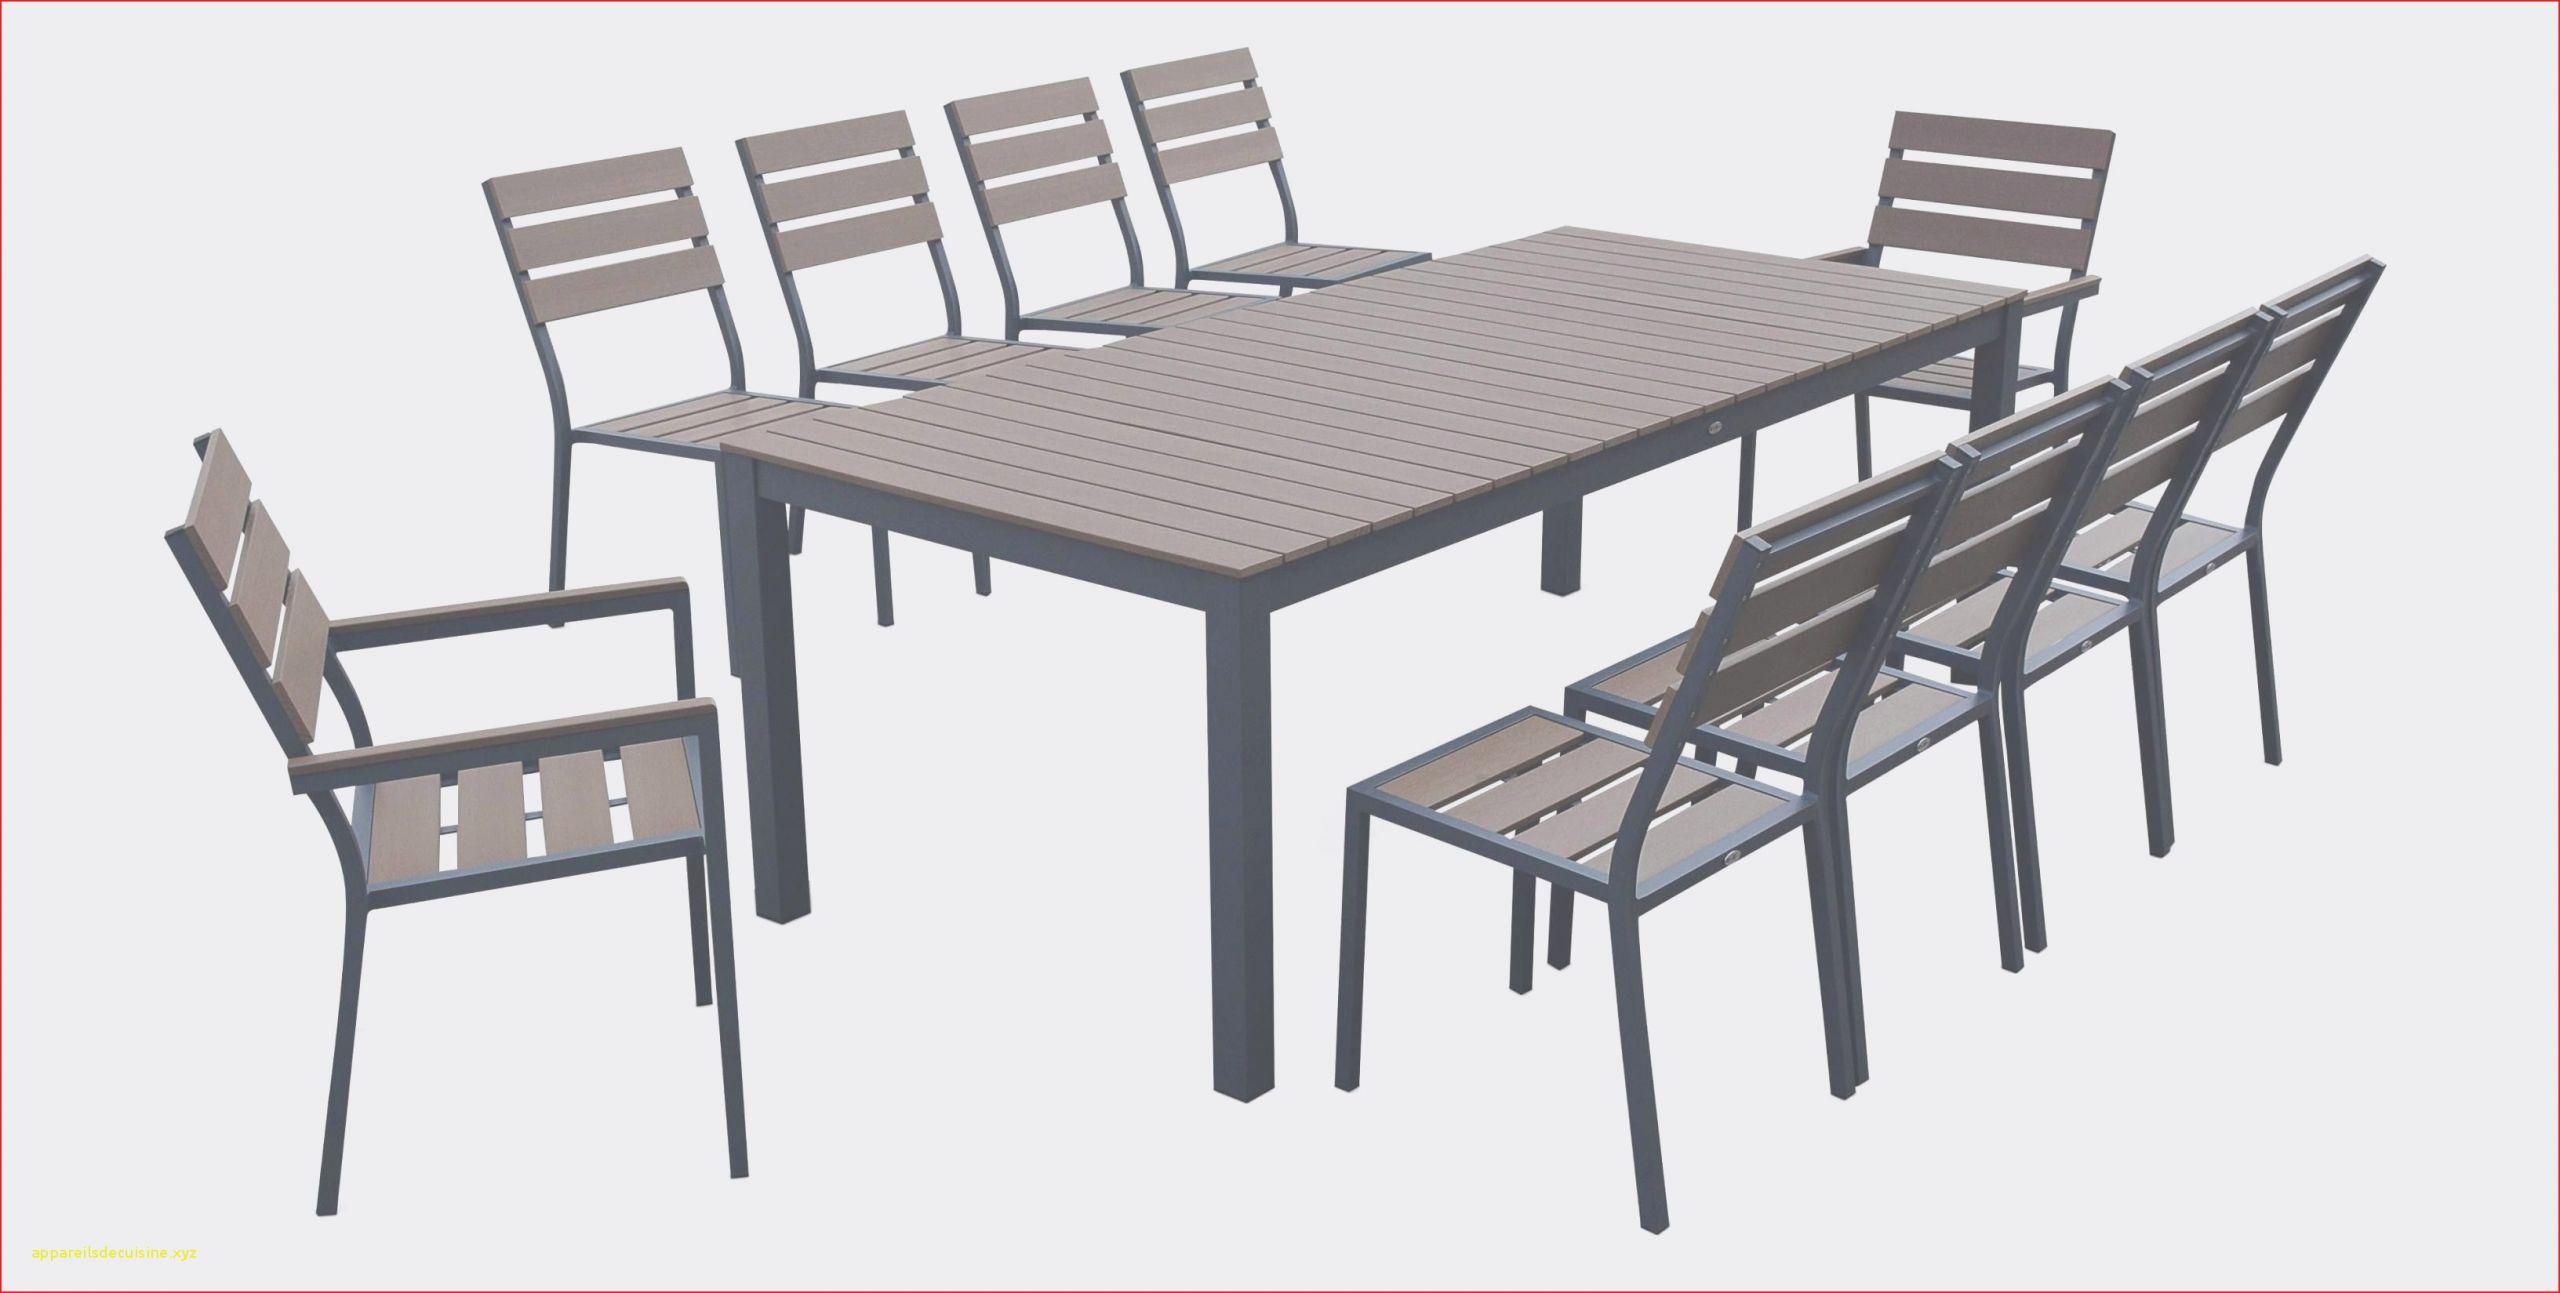 Table Et Chaise De Jardin Castorama Élégant Jardin Archives ... intérieur Table De Jardin Castorama